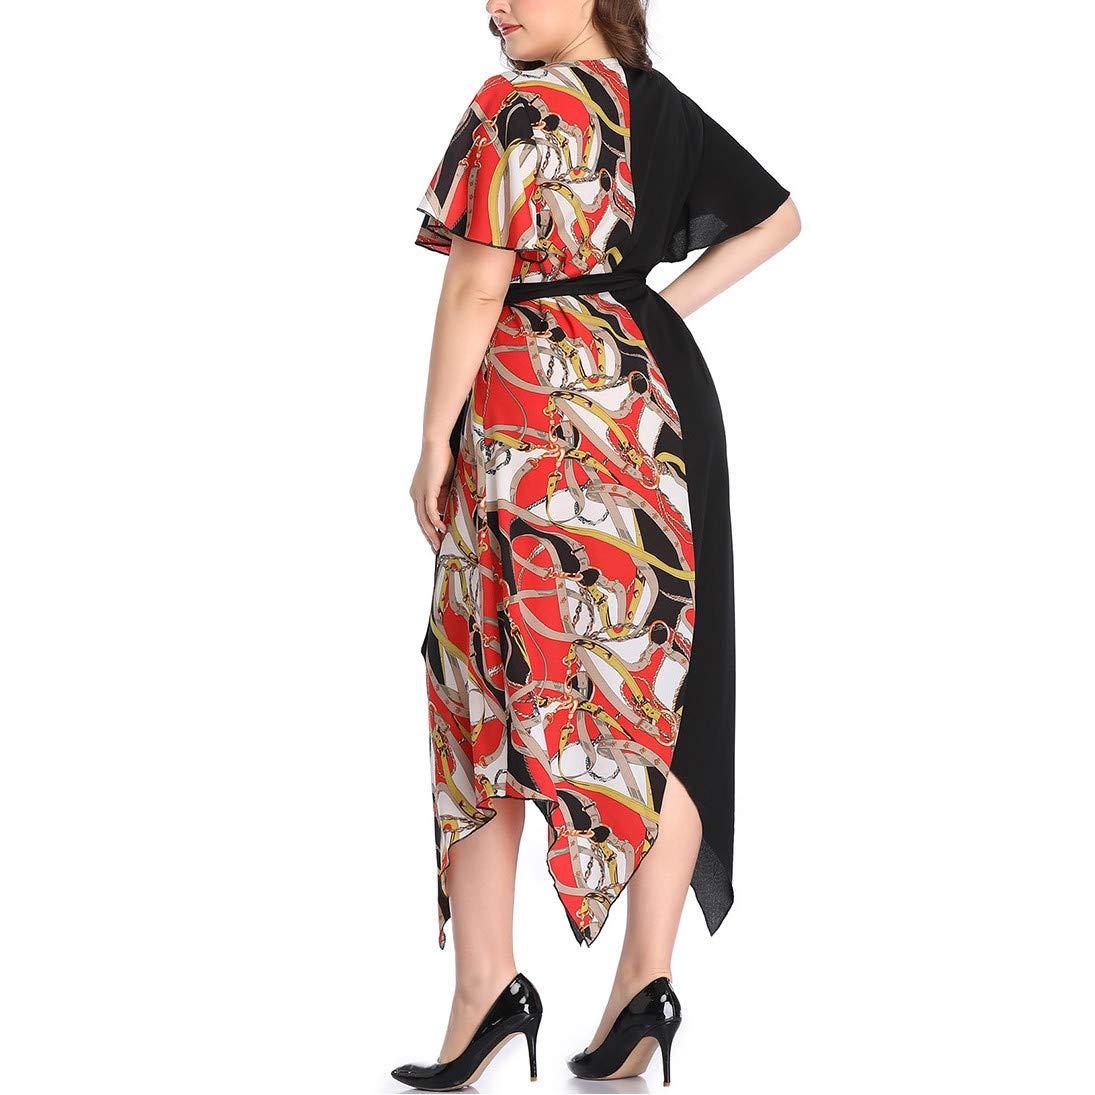 Short Bell Sleeve Print V Neck Women's Maxi Dress Party Dress Irregular Hem Patchwork Dress Purple by Jianekolaa_Dress (Image #3)